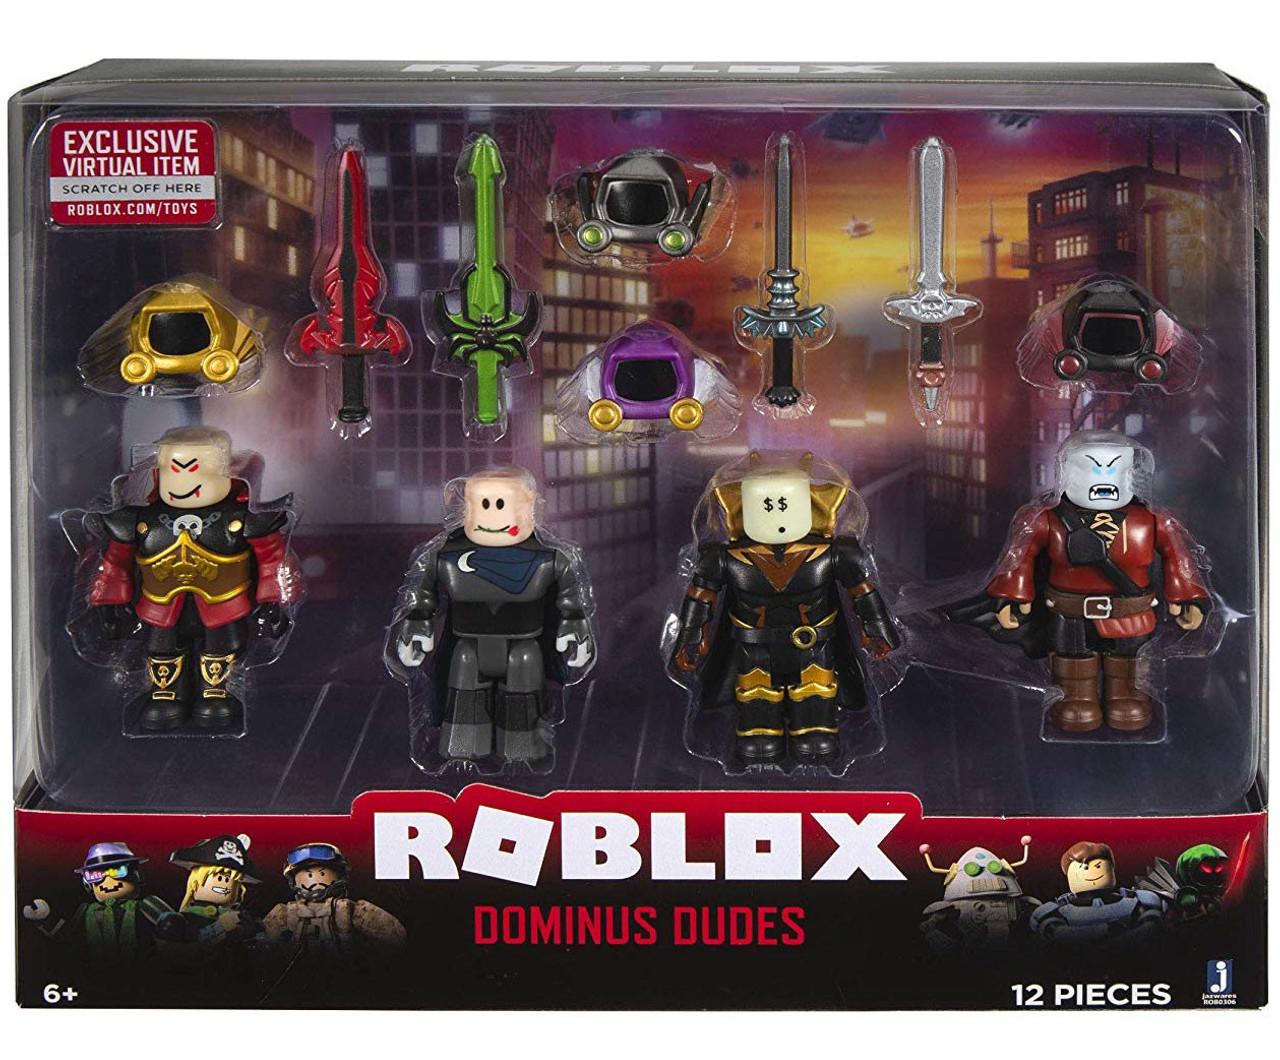 Roblox Dominus Dudes